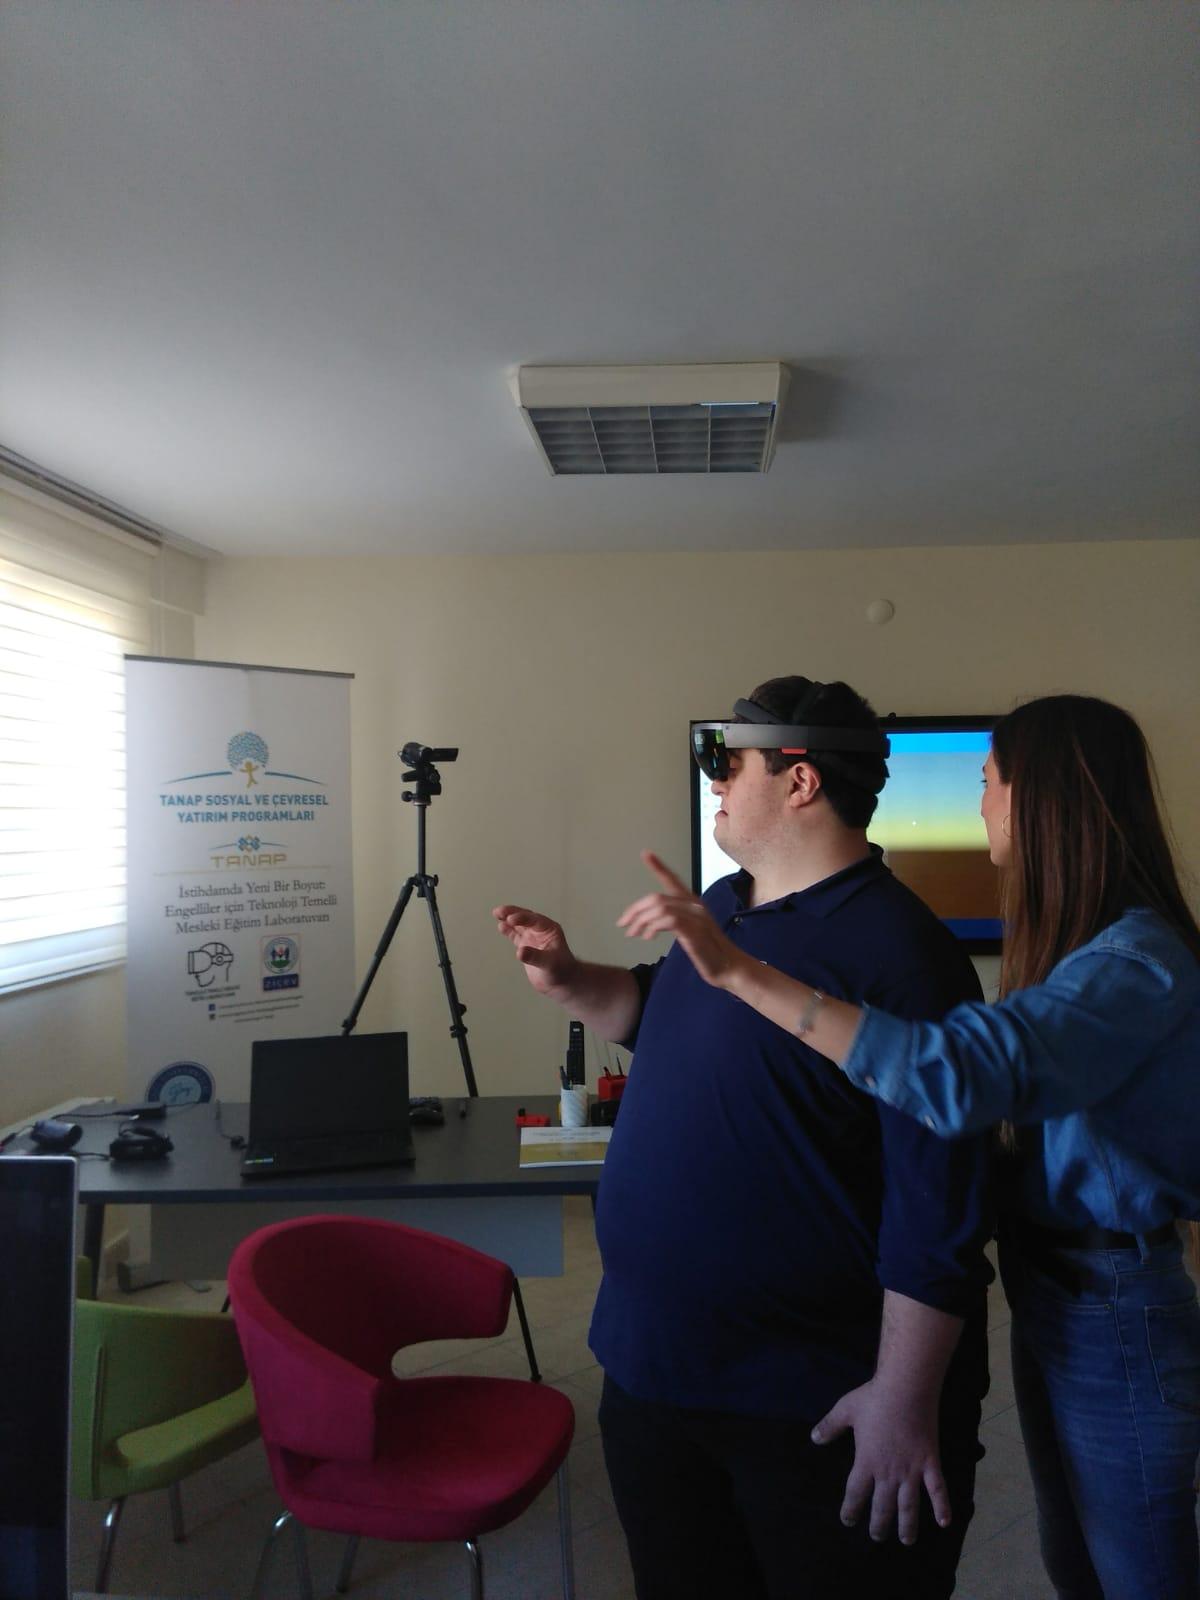 TANAP ve ZİÇEV'den Engelliler için Teknoloji Temelli Eğitim